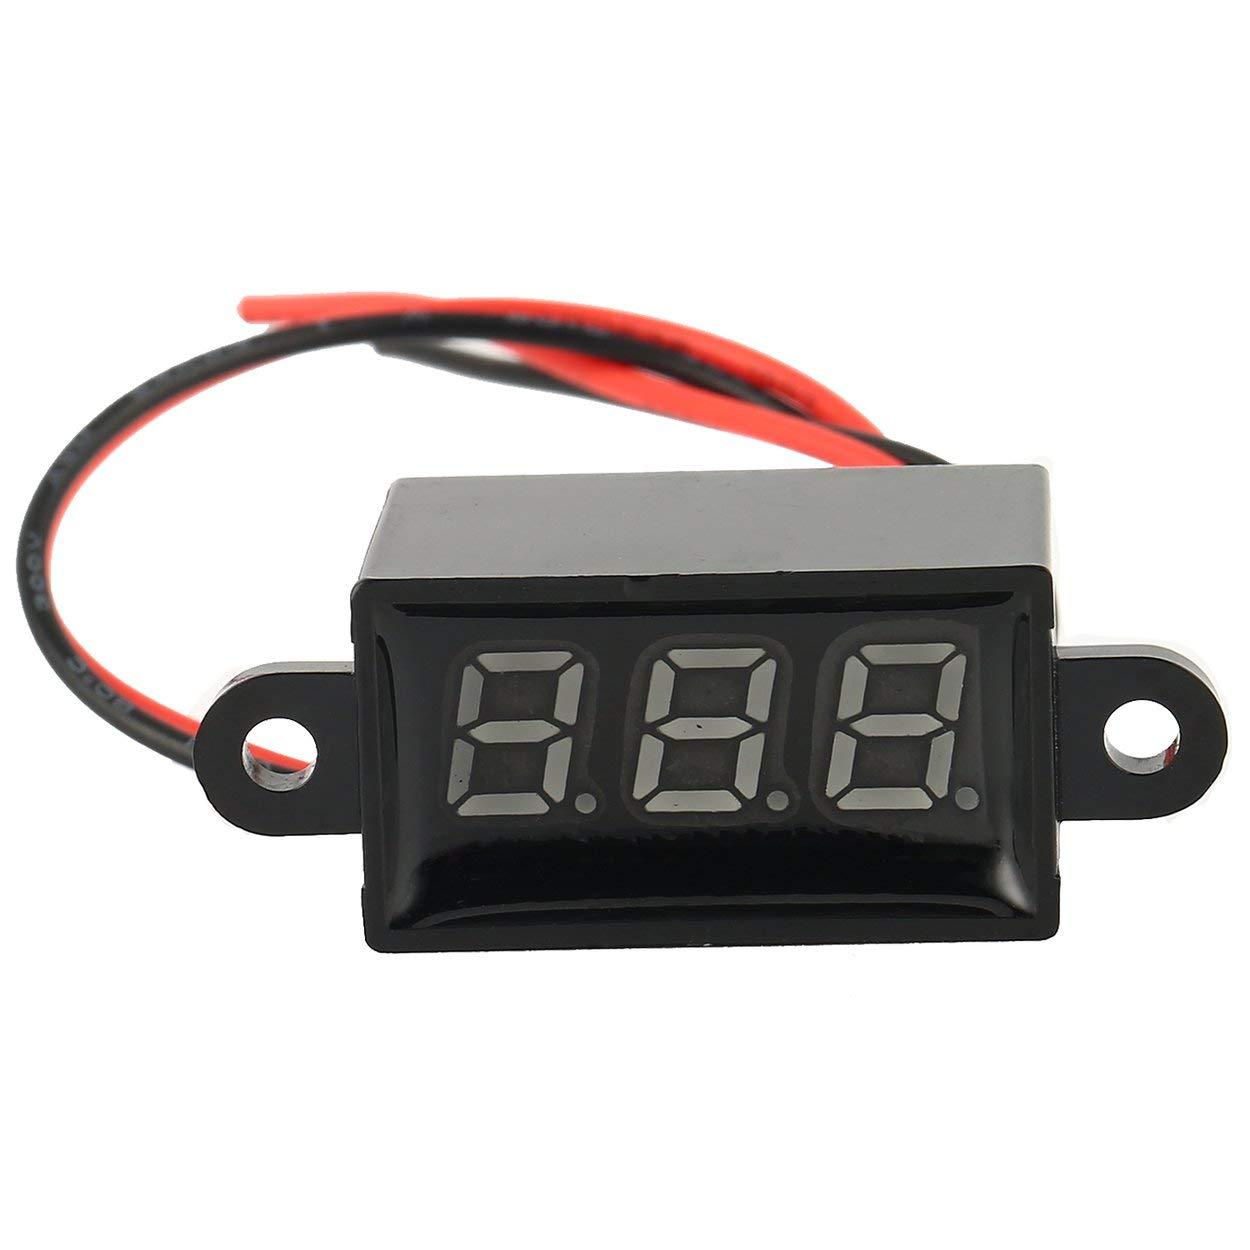 Lorenlli DC 3V-30V 2-Wire LED Digital Display Panel Voltmeter Electric Voltage Meter Volt Tester for Auto Car Motorcycle Battery Cart